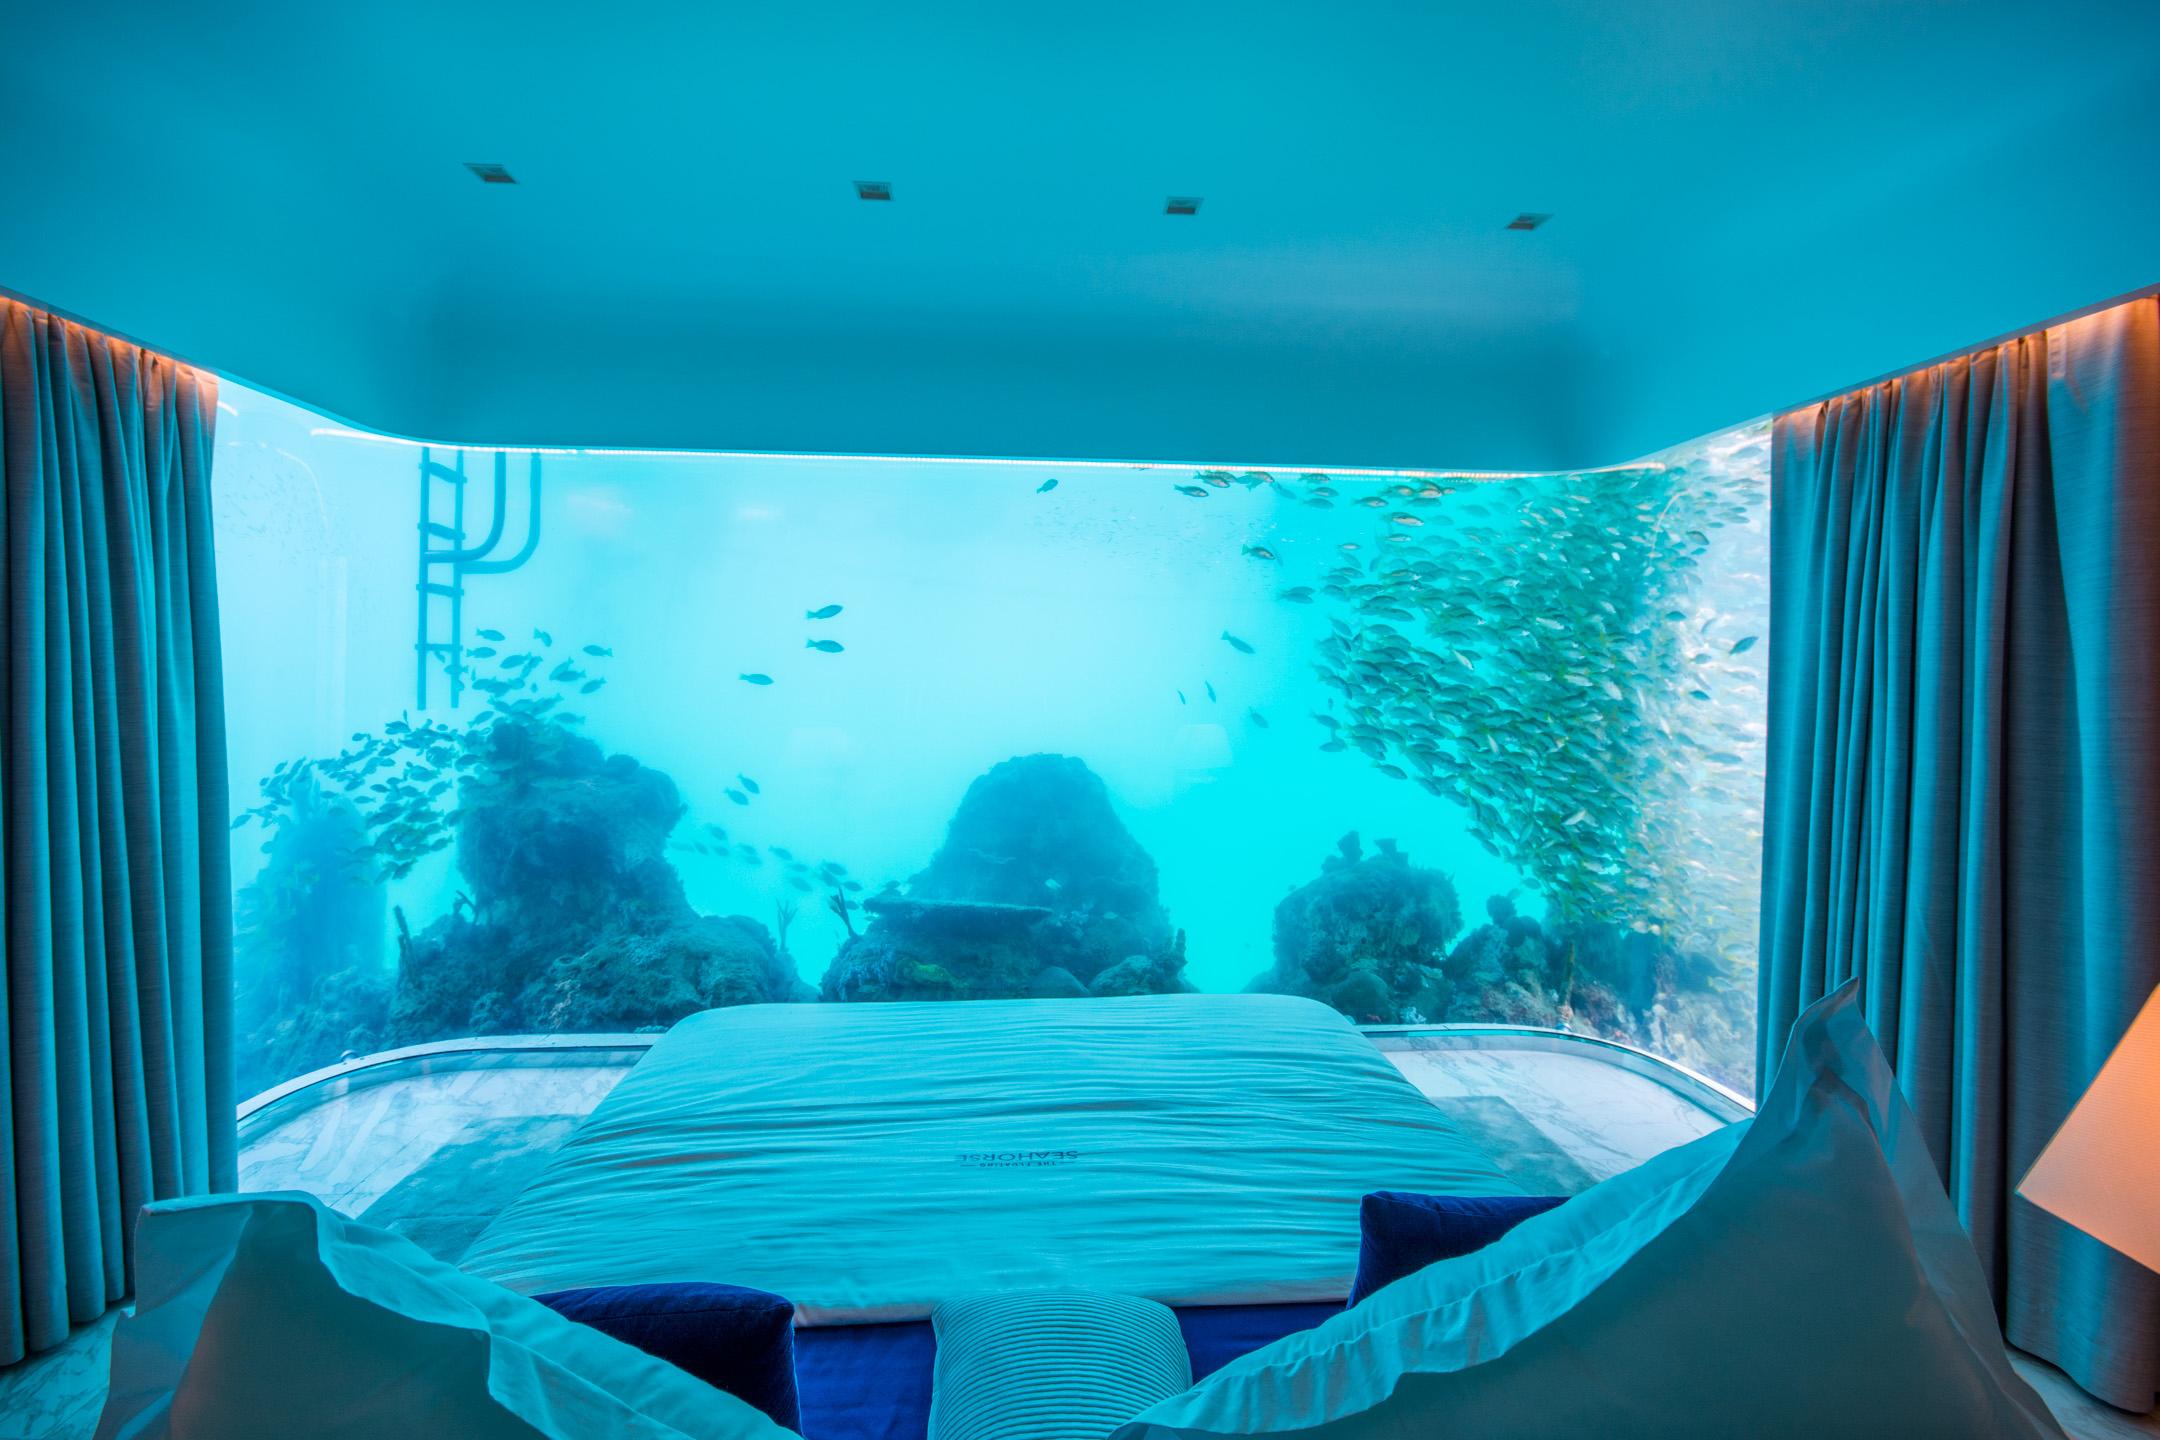 Des maisons moiti sous l eau voient le jour duba for Imagenes de hoteles bajo el agua